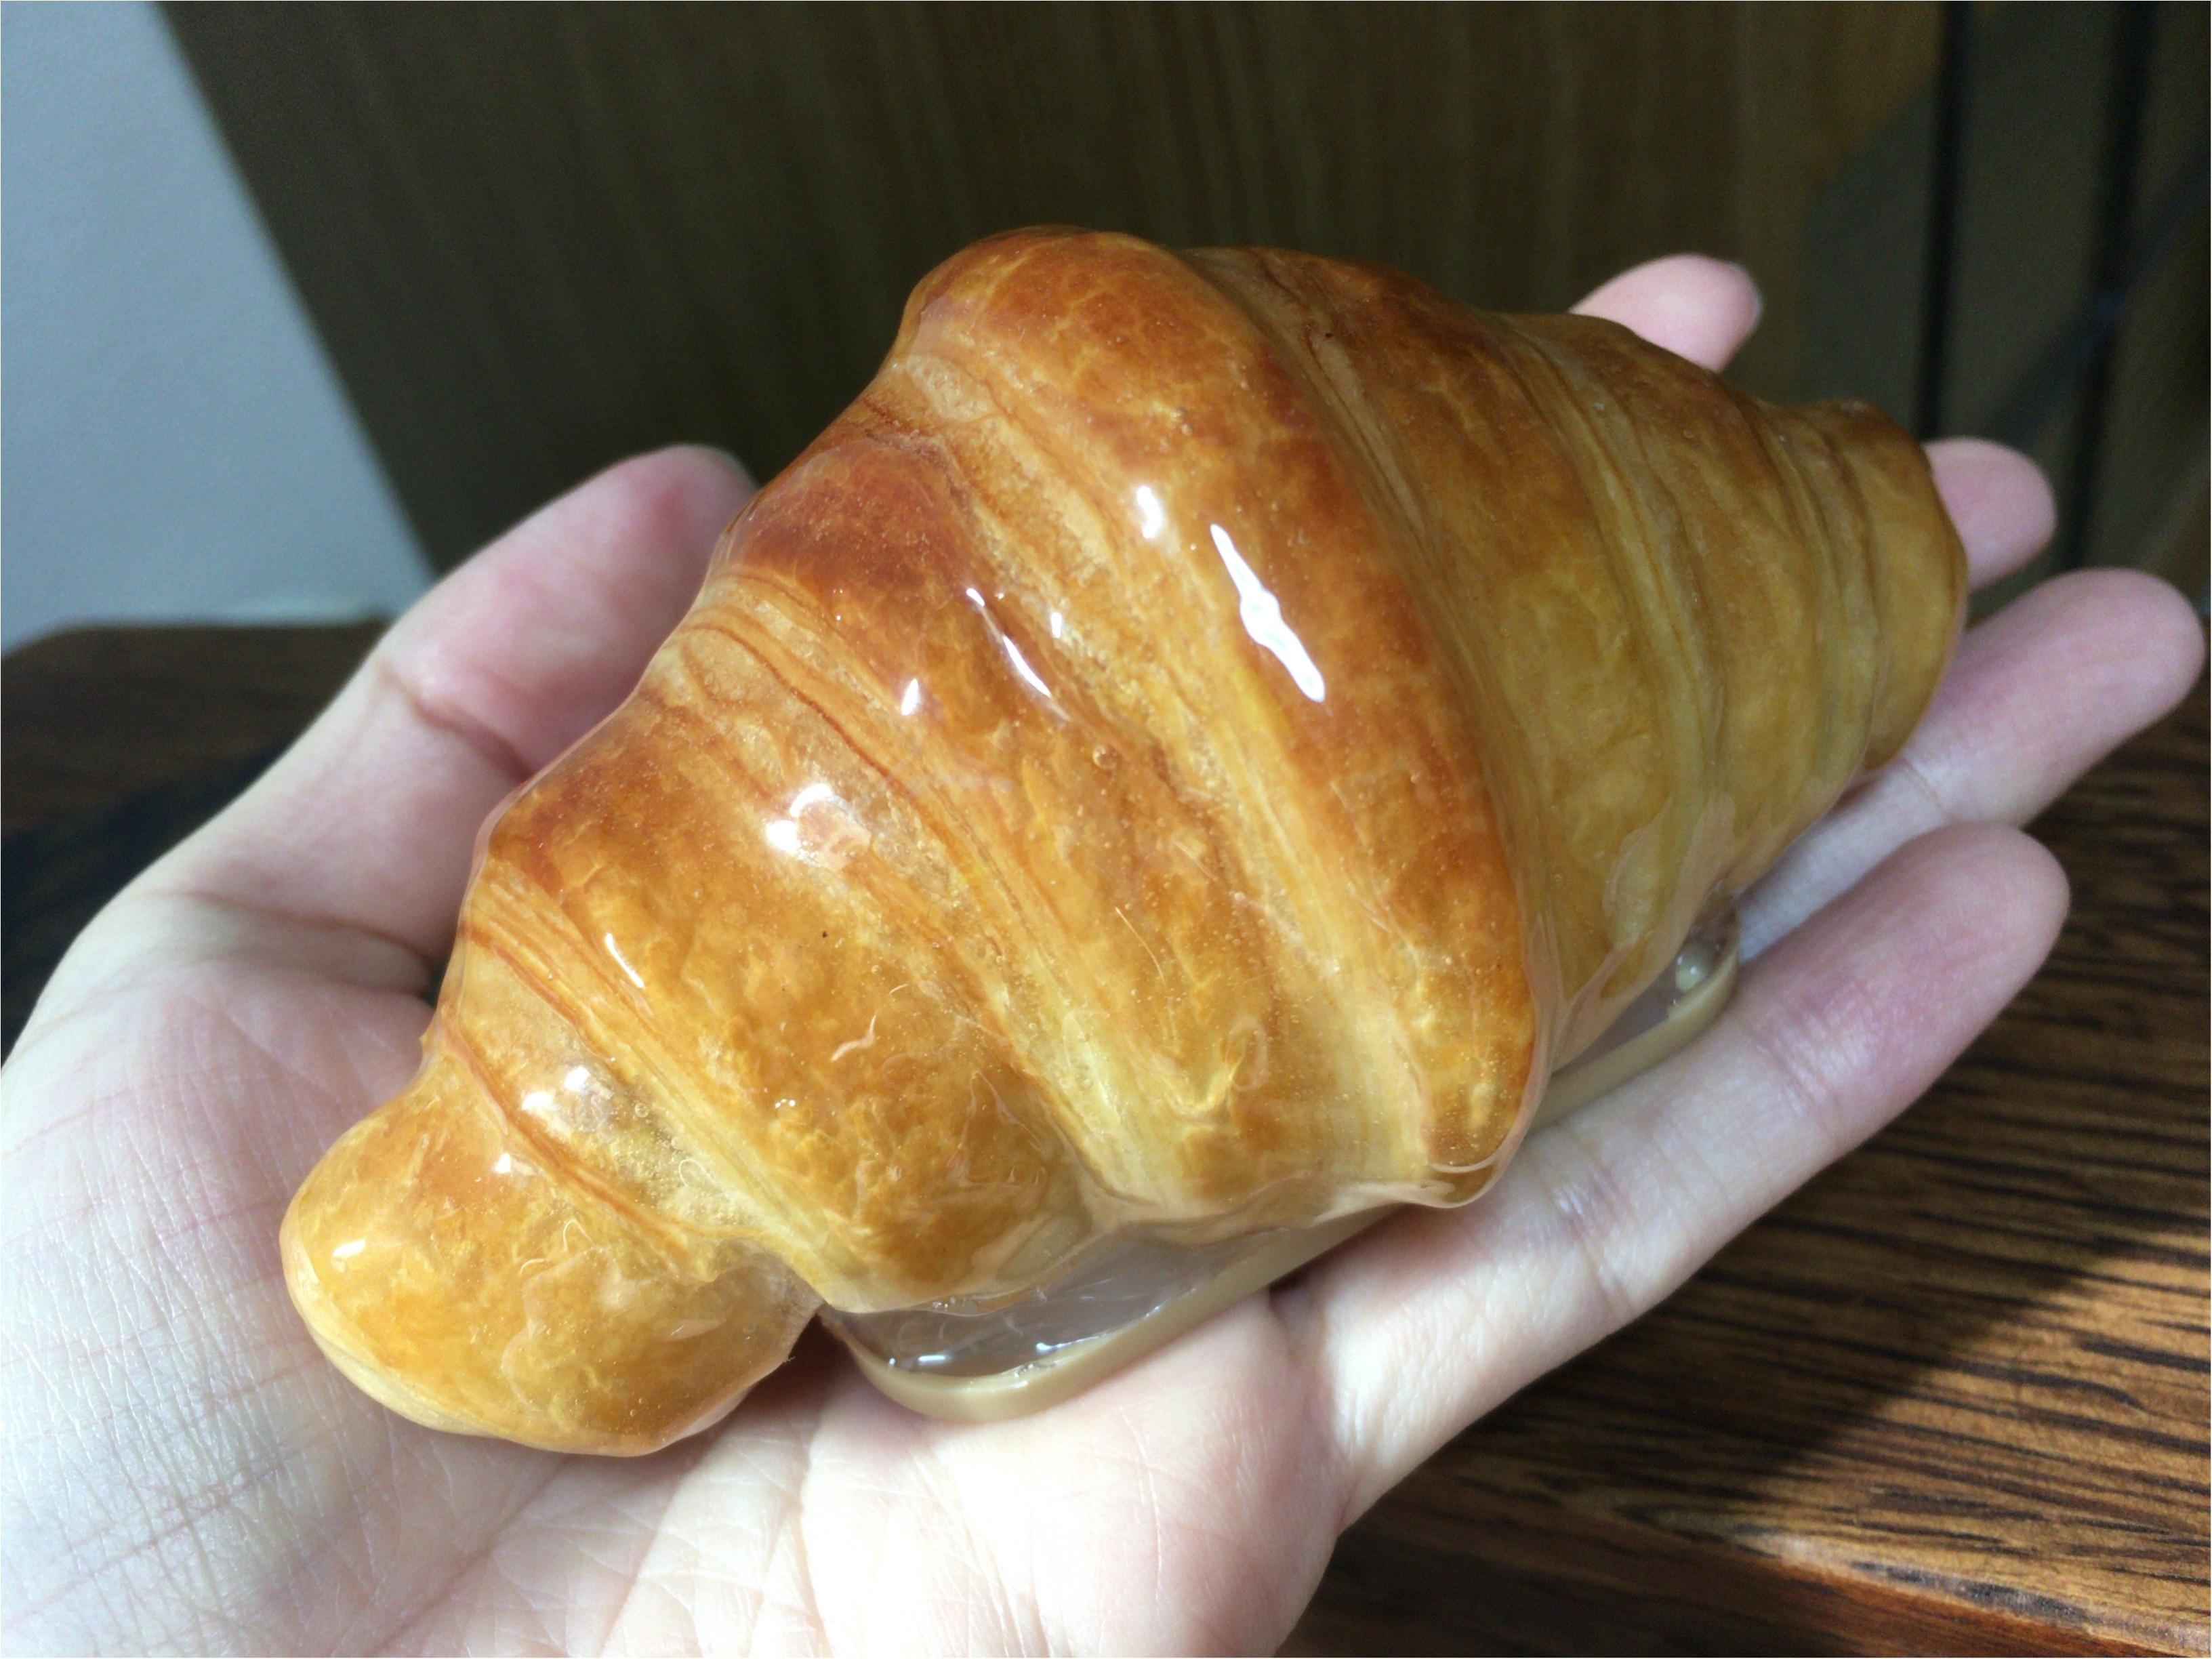 本物のパンでライト?クロワッサンが可愛い《パンプシェード》って何?なインテリア雑貨を見つけました!_4